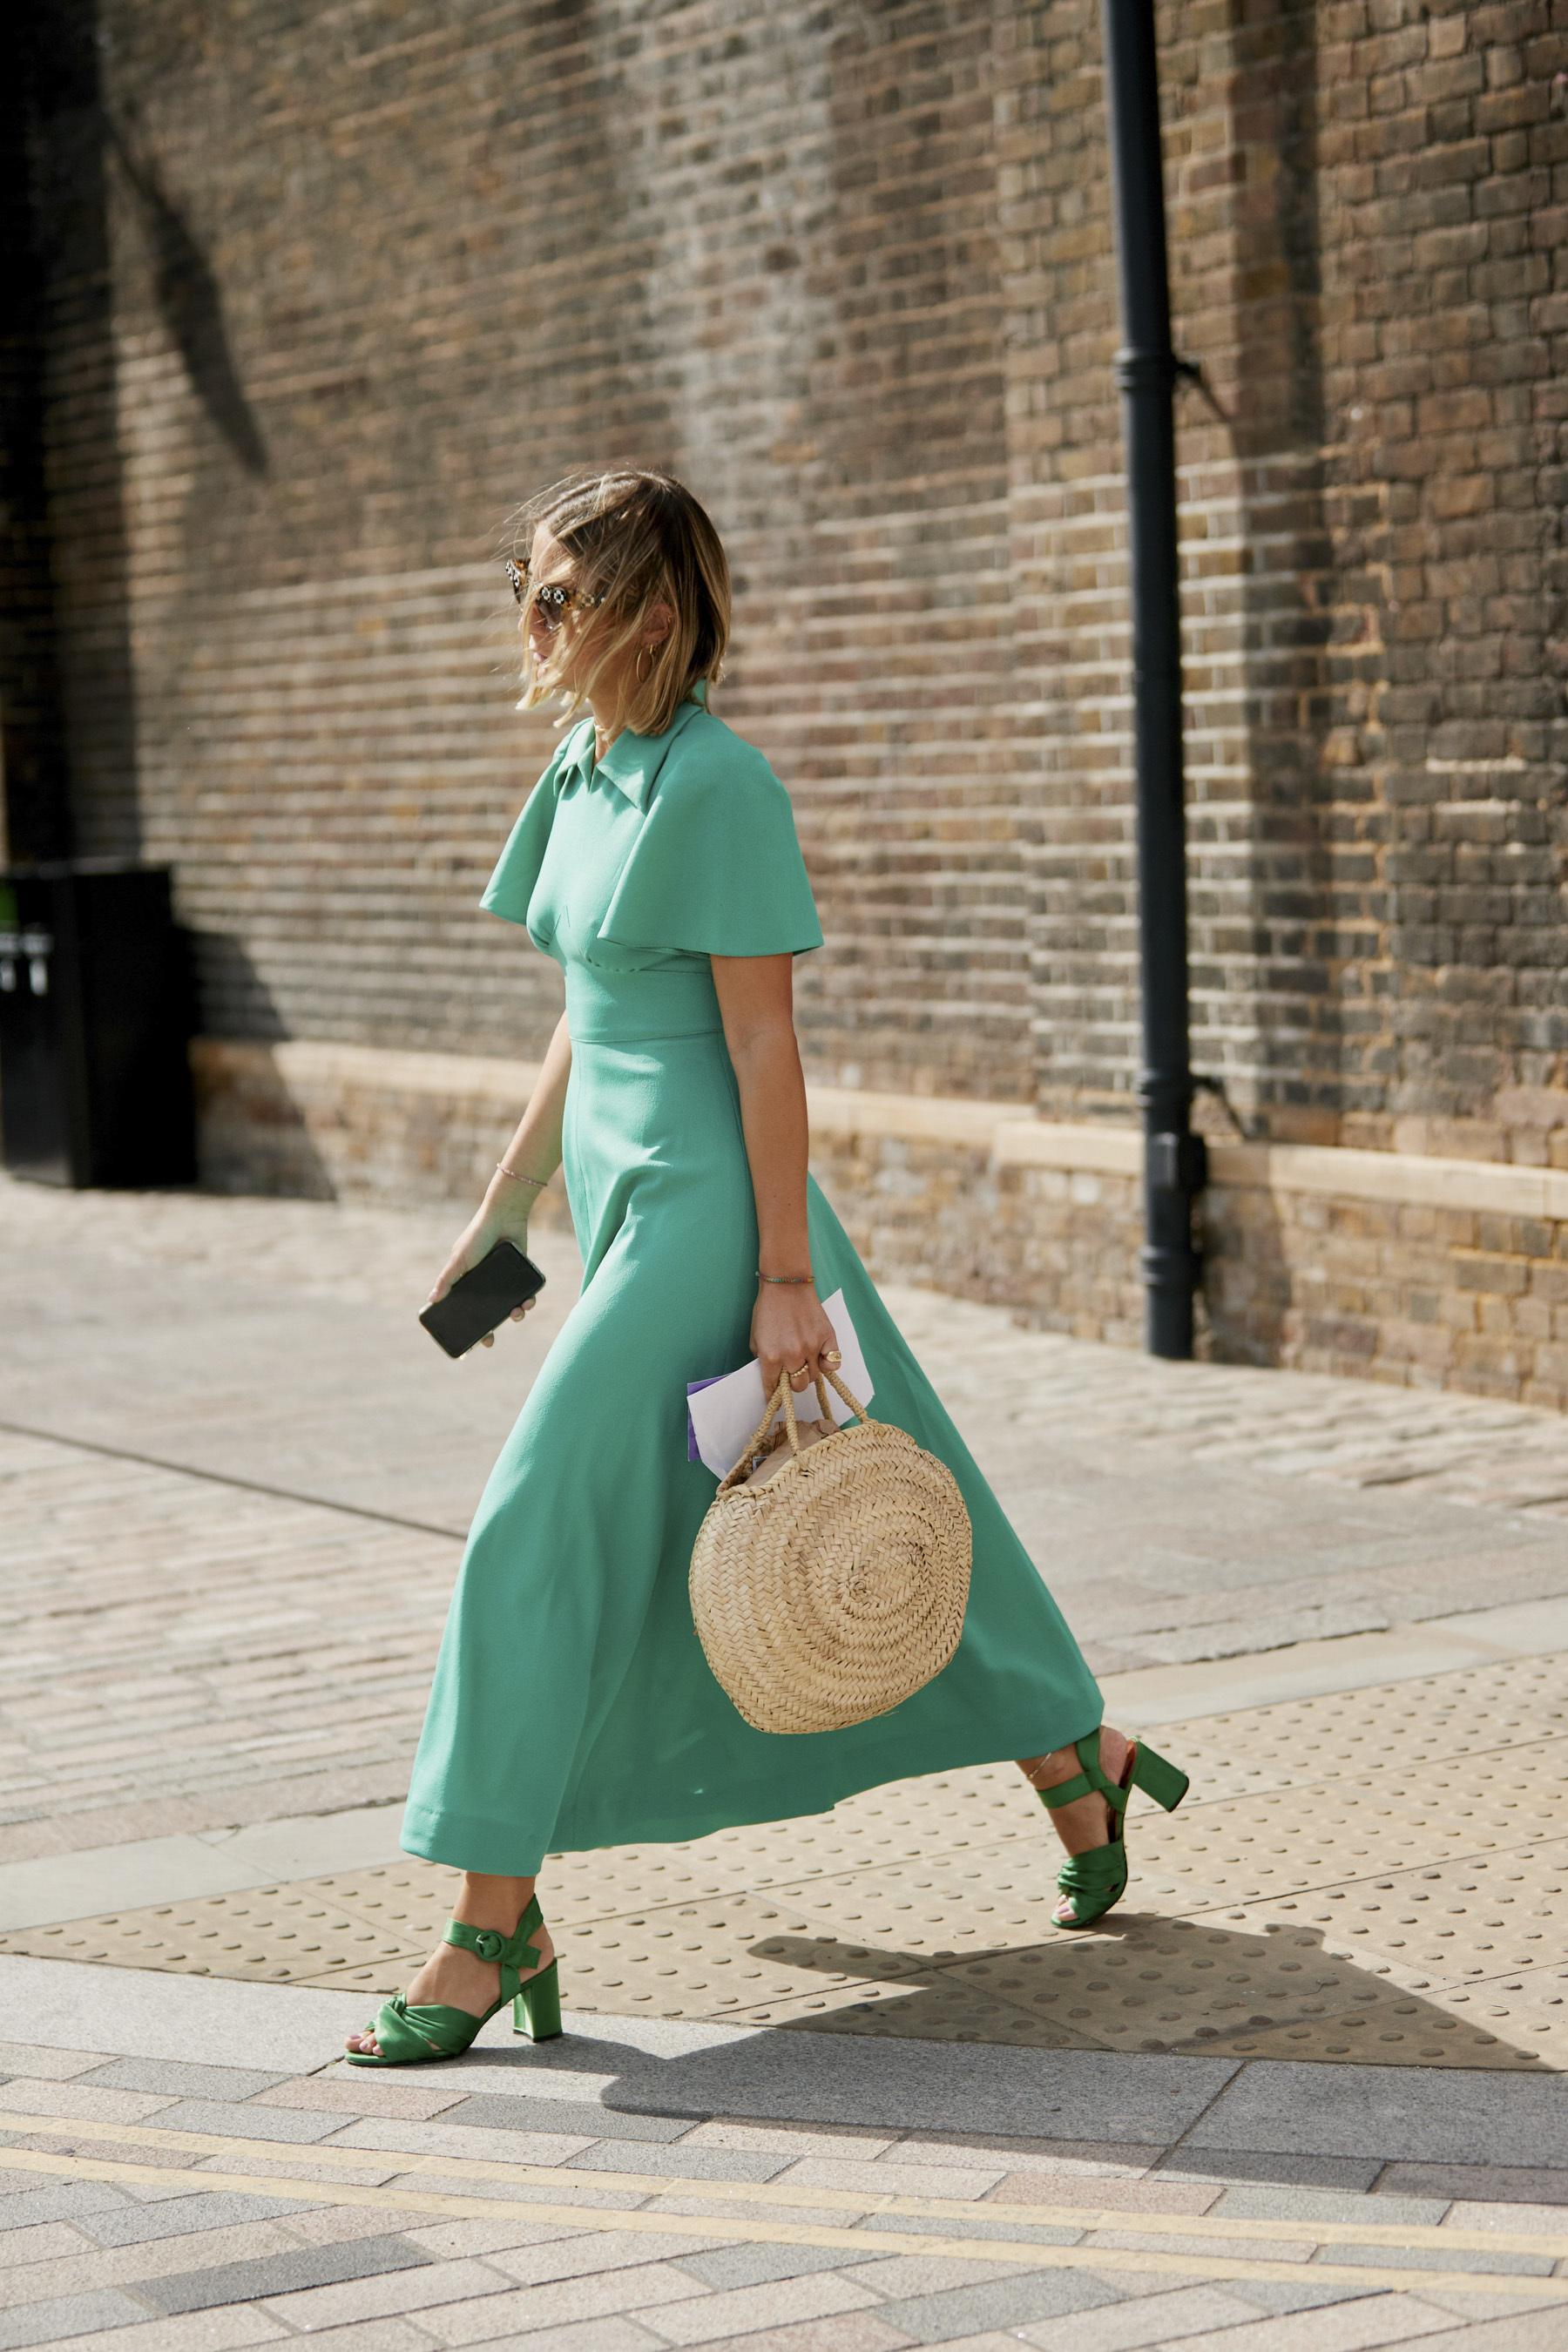 Vestido largo con sandalias de tacón sensato.